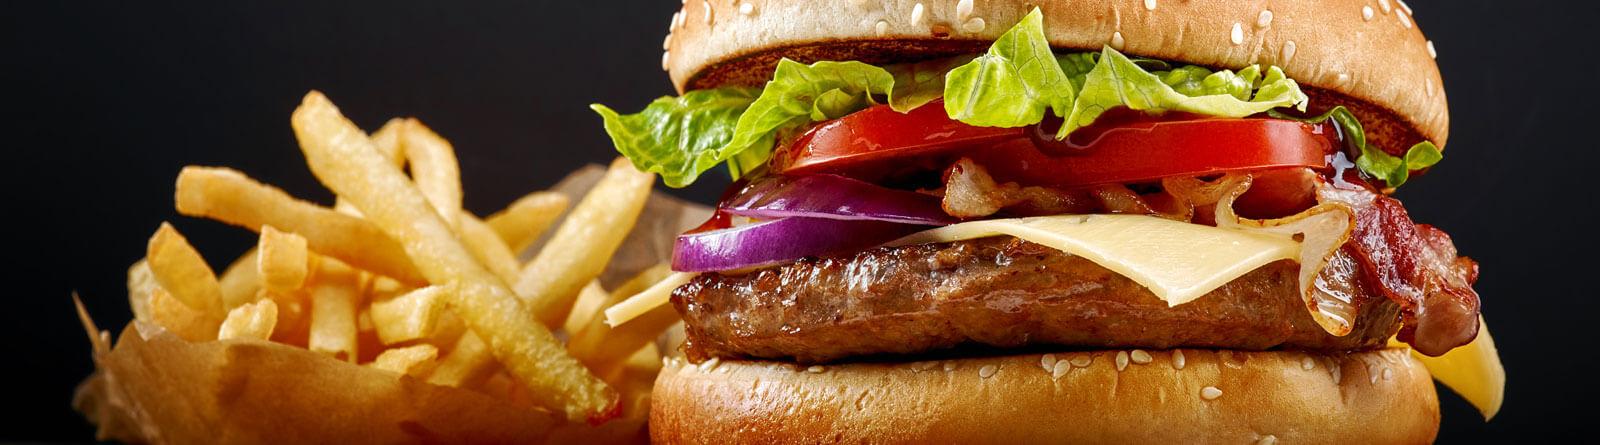 Burger-oskars-amberg